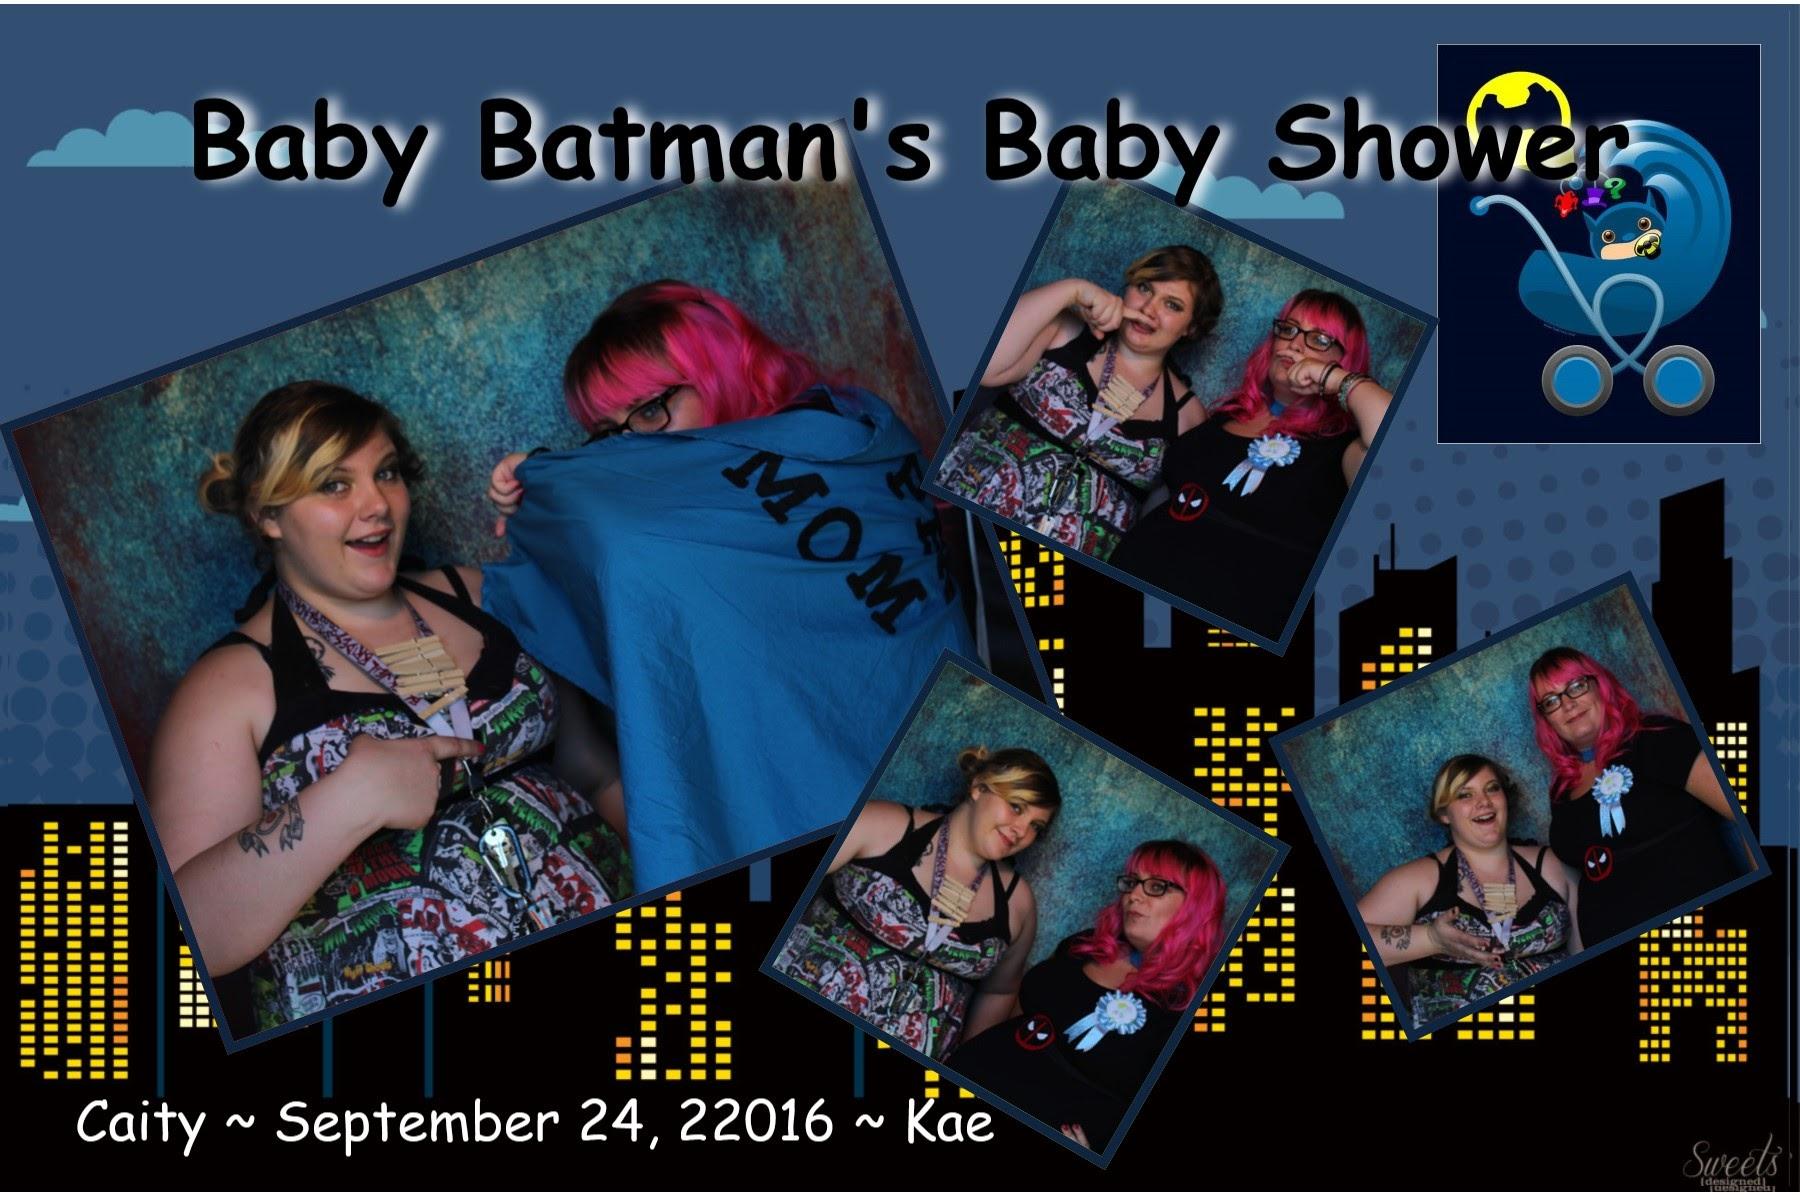 Baby Batman - Need I say more